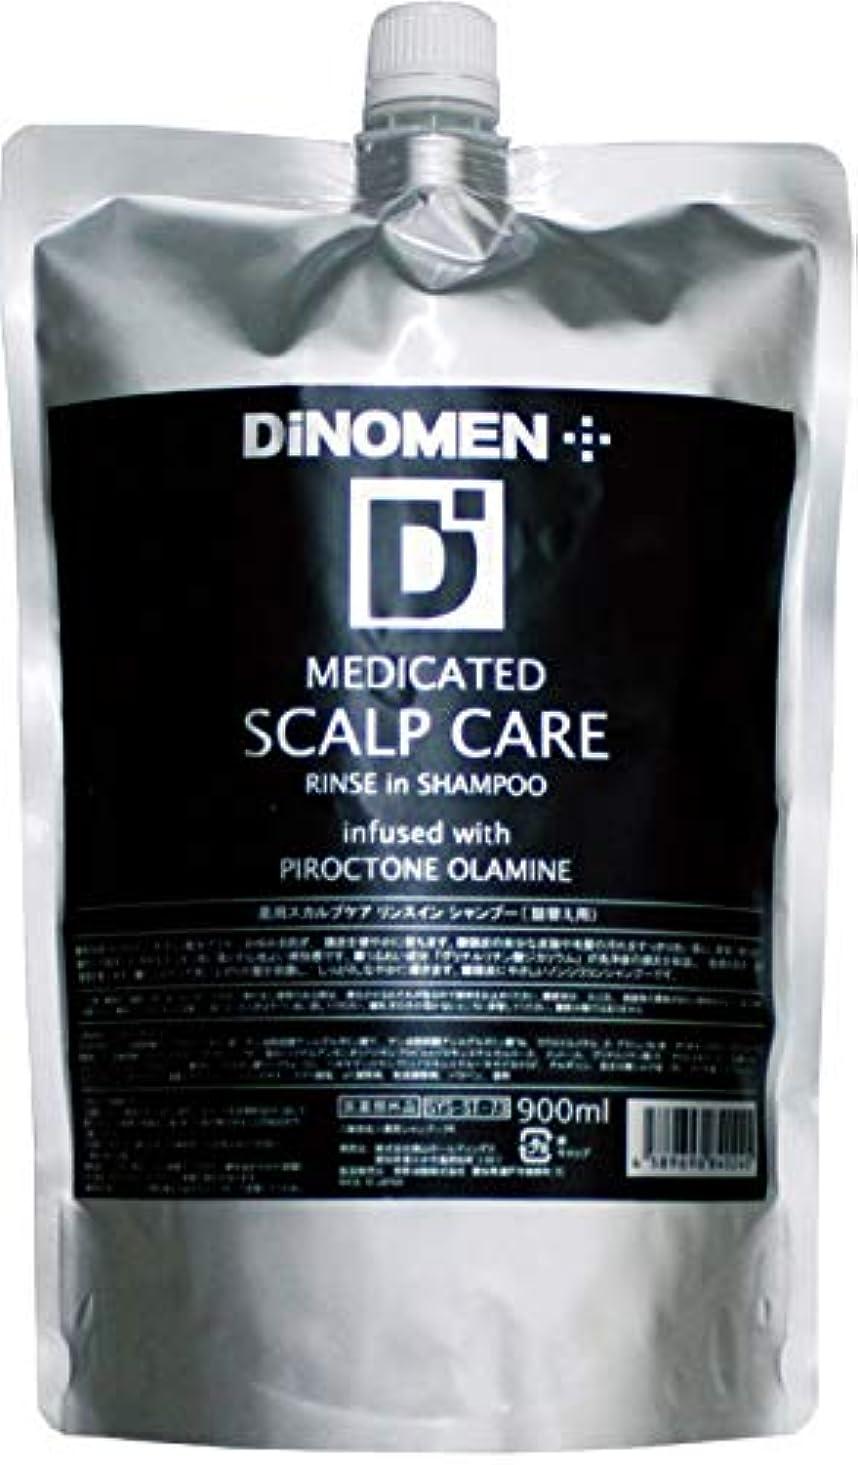 コーチ未払い転用DiNOMEN 薬用スカルプケアリンスインシャンプー 詰め替え用 900ml